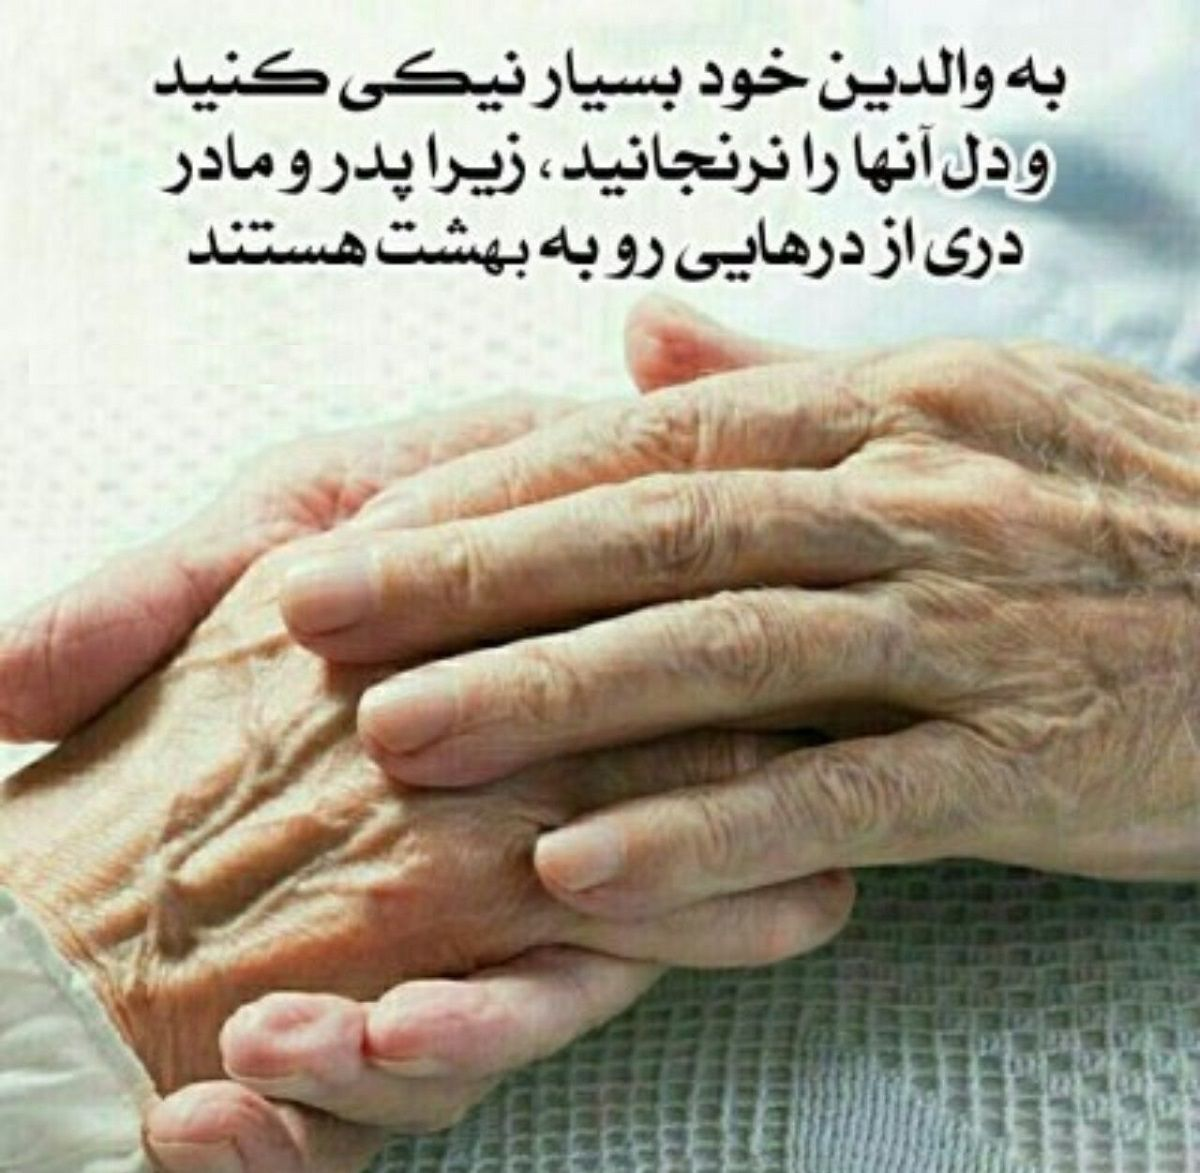 نیکی به پدر و مادر